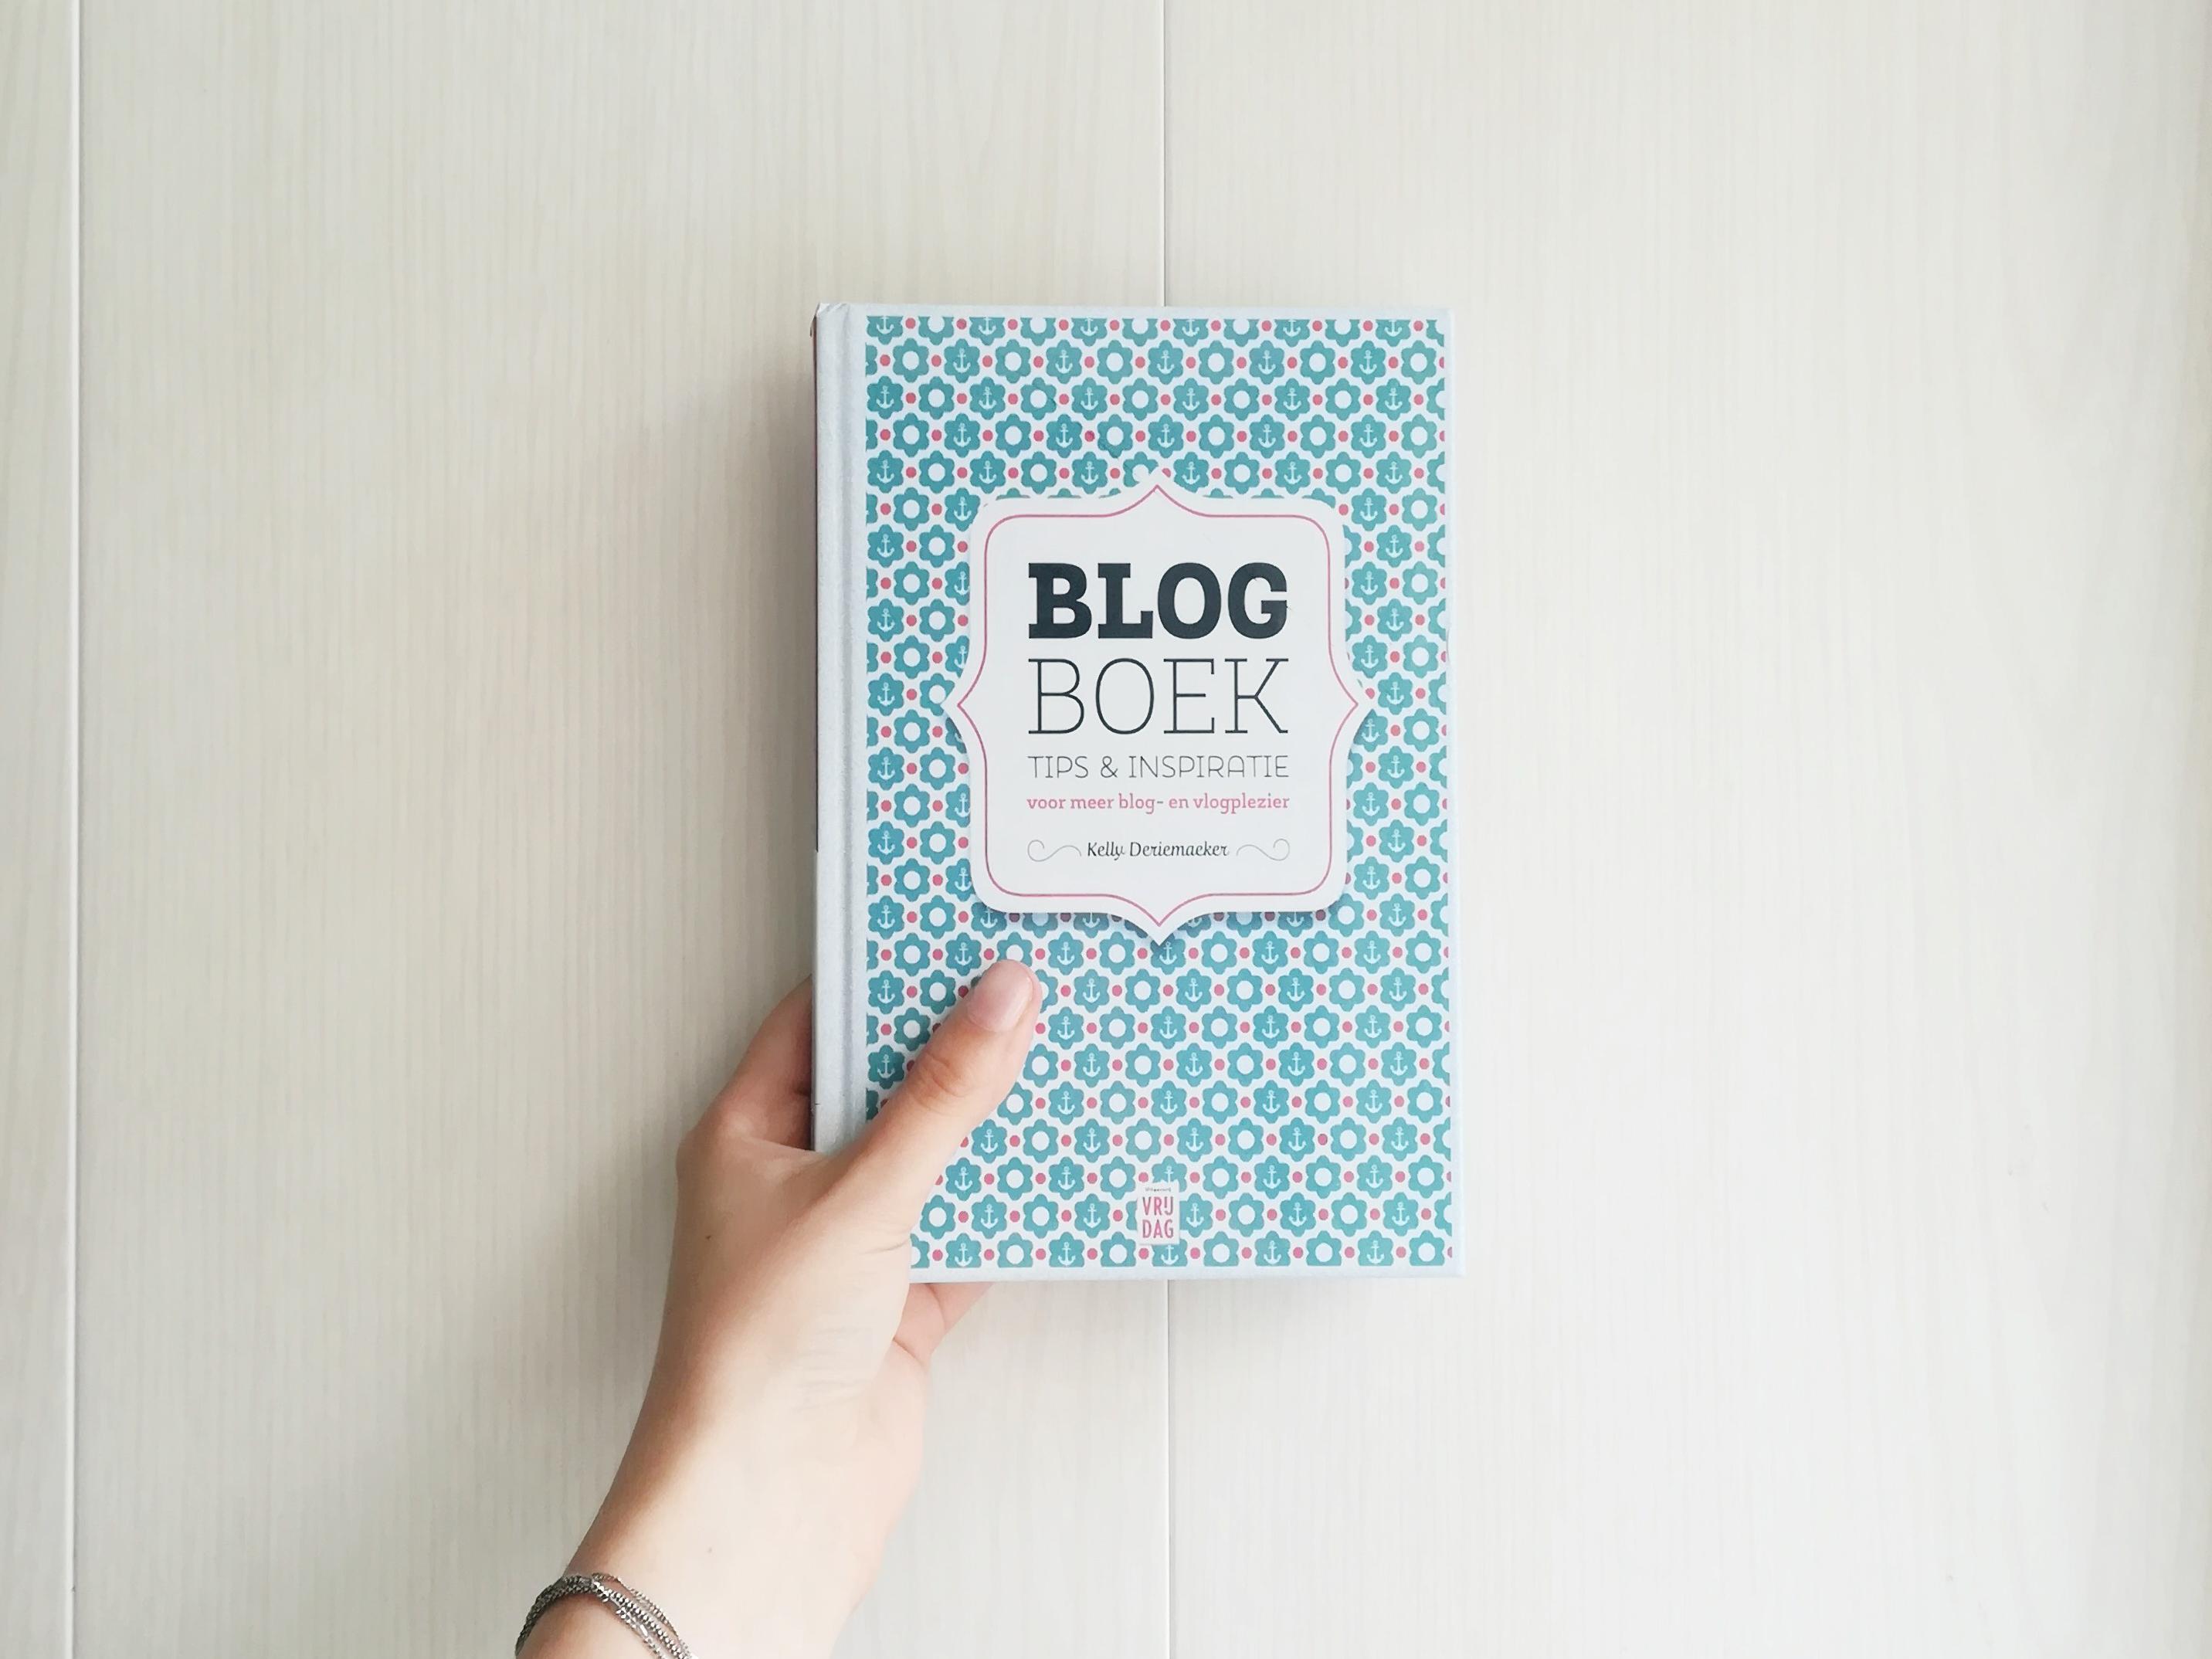 Blogboek recensie